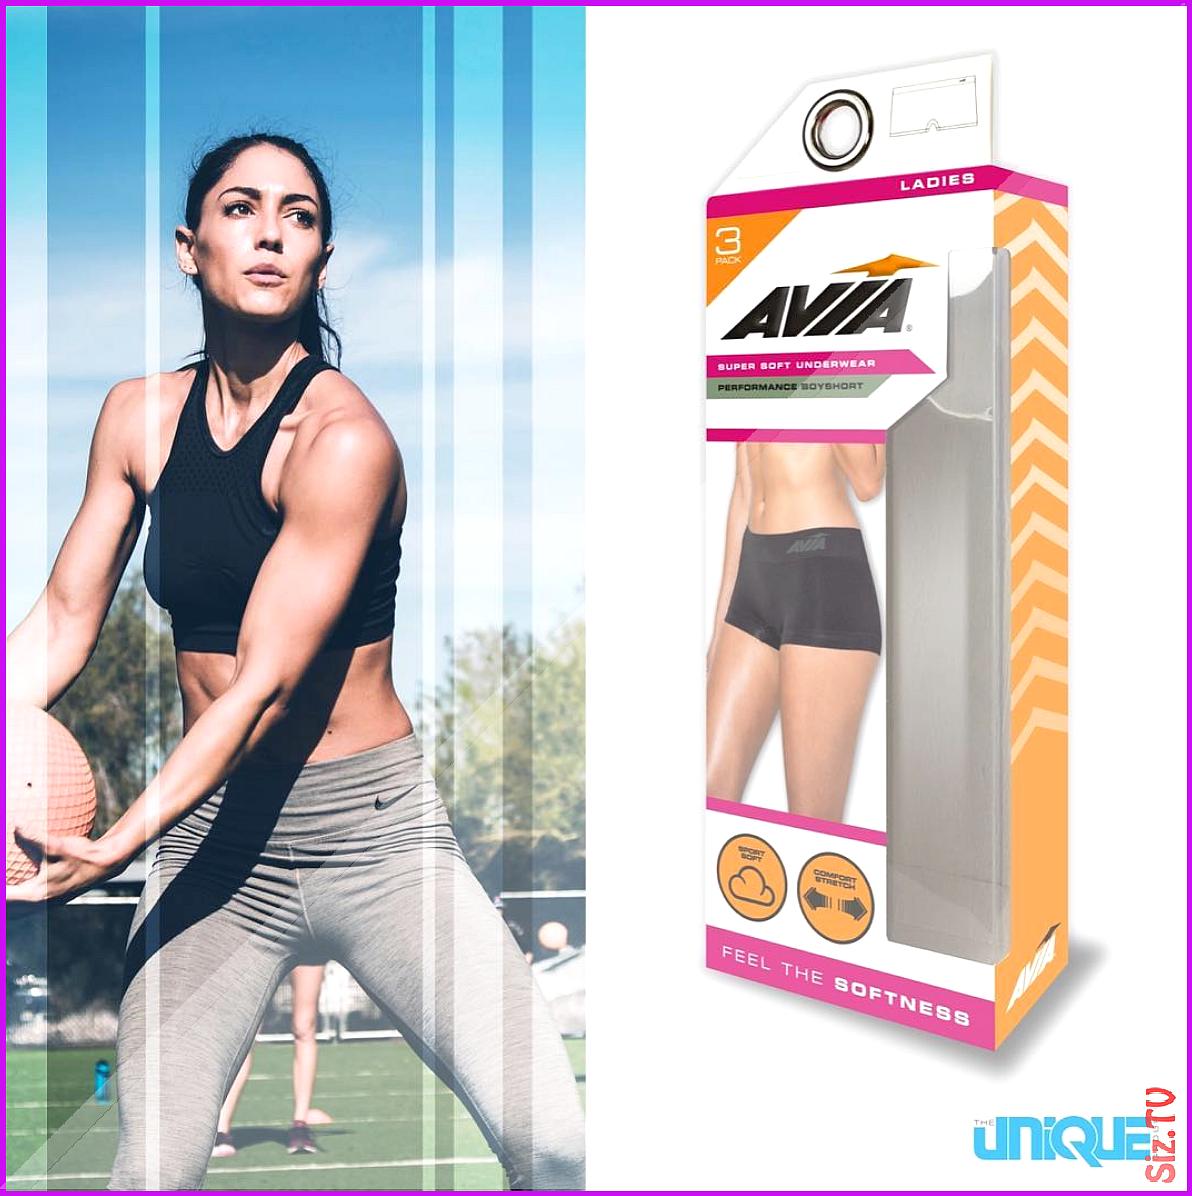 Photo by Justyn Warner  unique packagingdesign packaging avia activewear sportswear women womenempow...